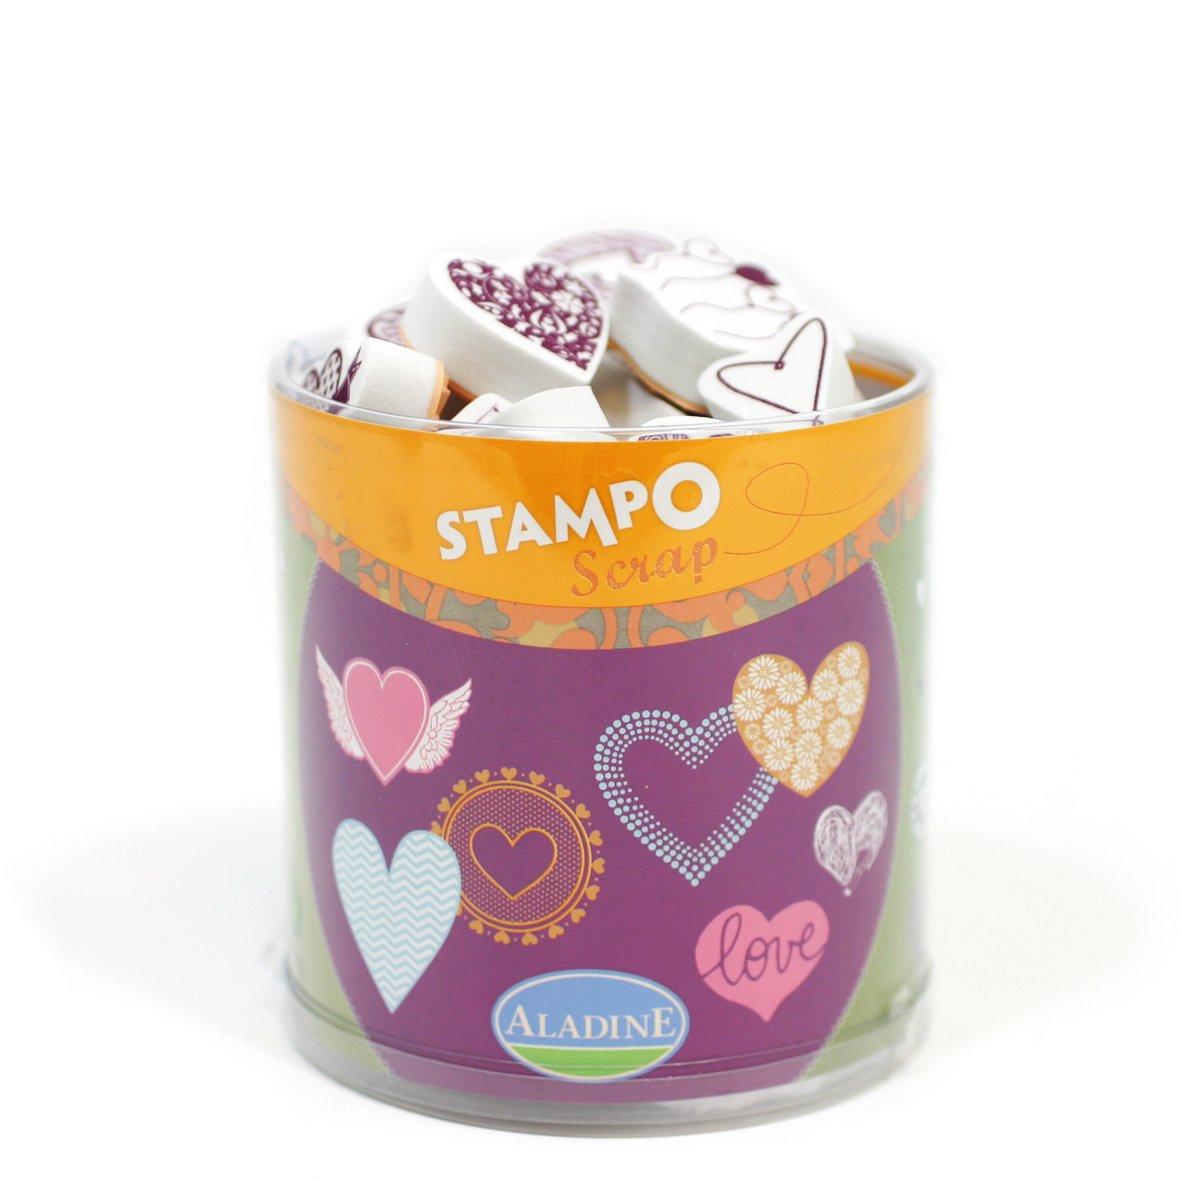 Aladine/ /Stampo Scrap/ /Stempel zu drucken/ /Herzen /03720/